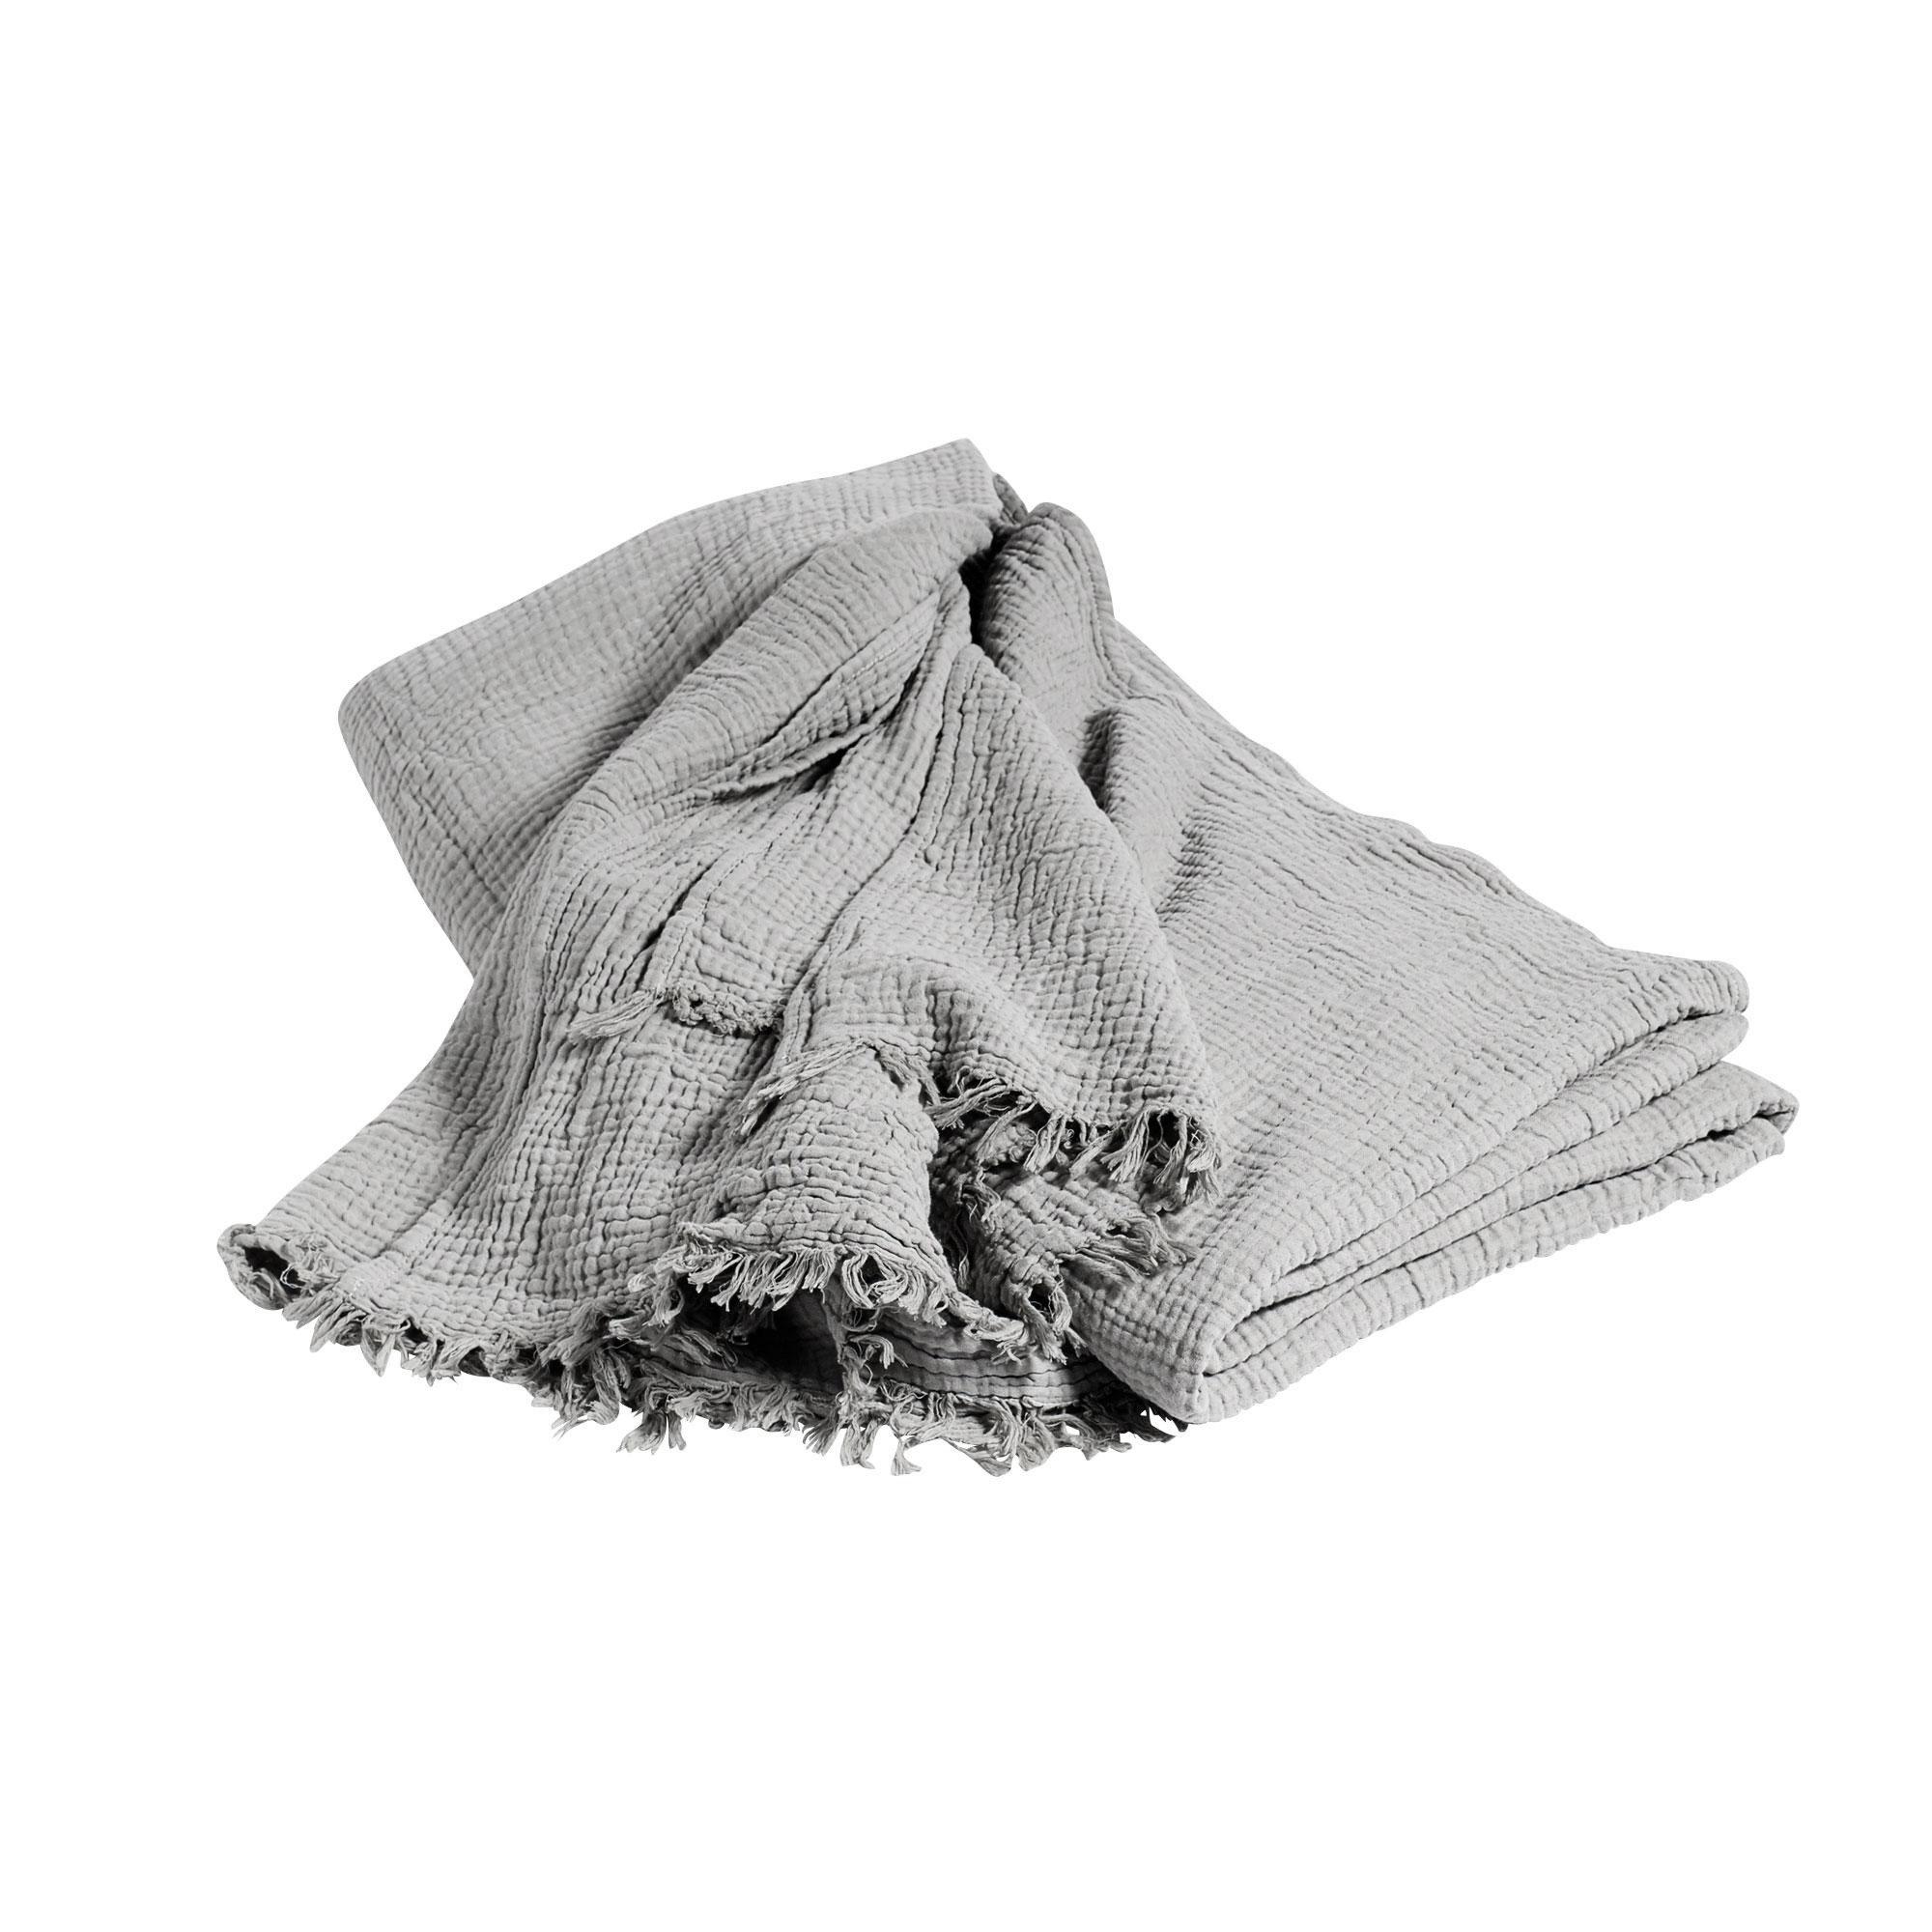 HAY Crinkle Bettüberwurf/Tagesdecke 270x270cm   AmbienteDirect